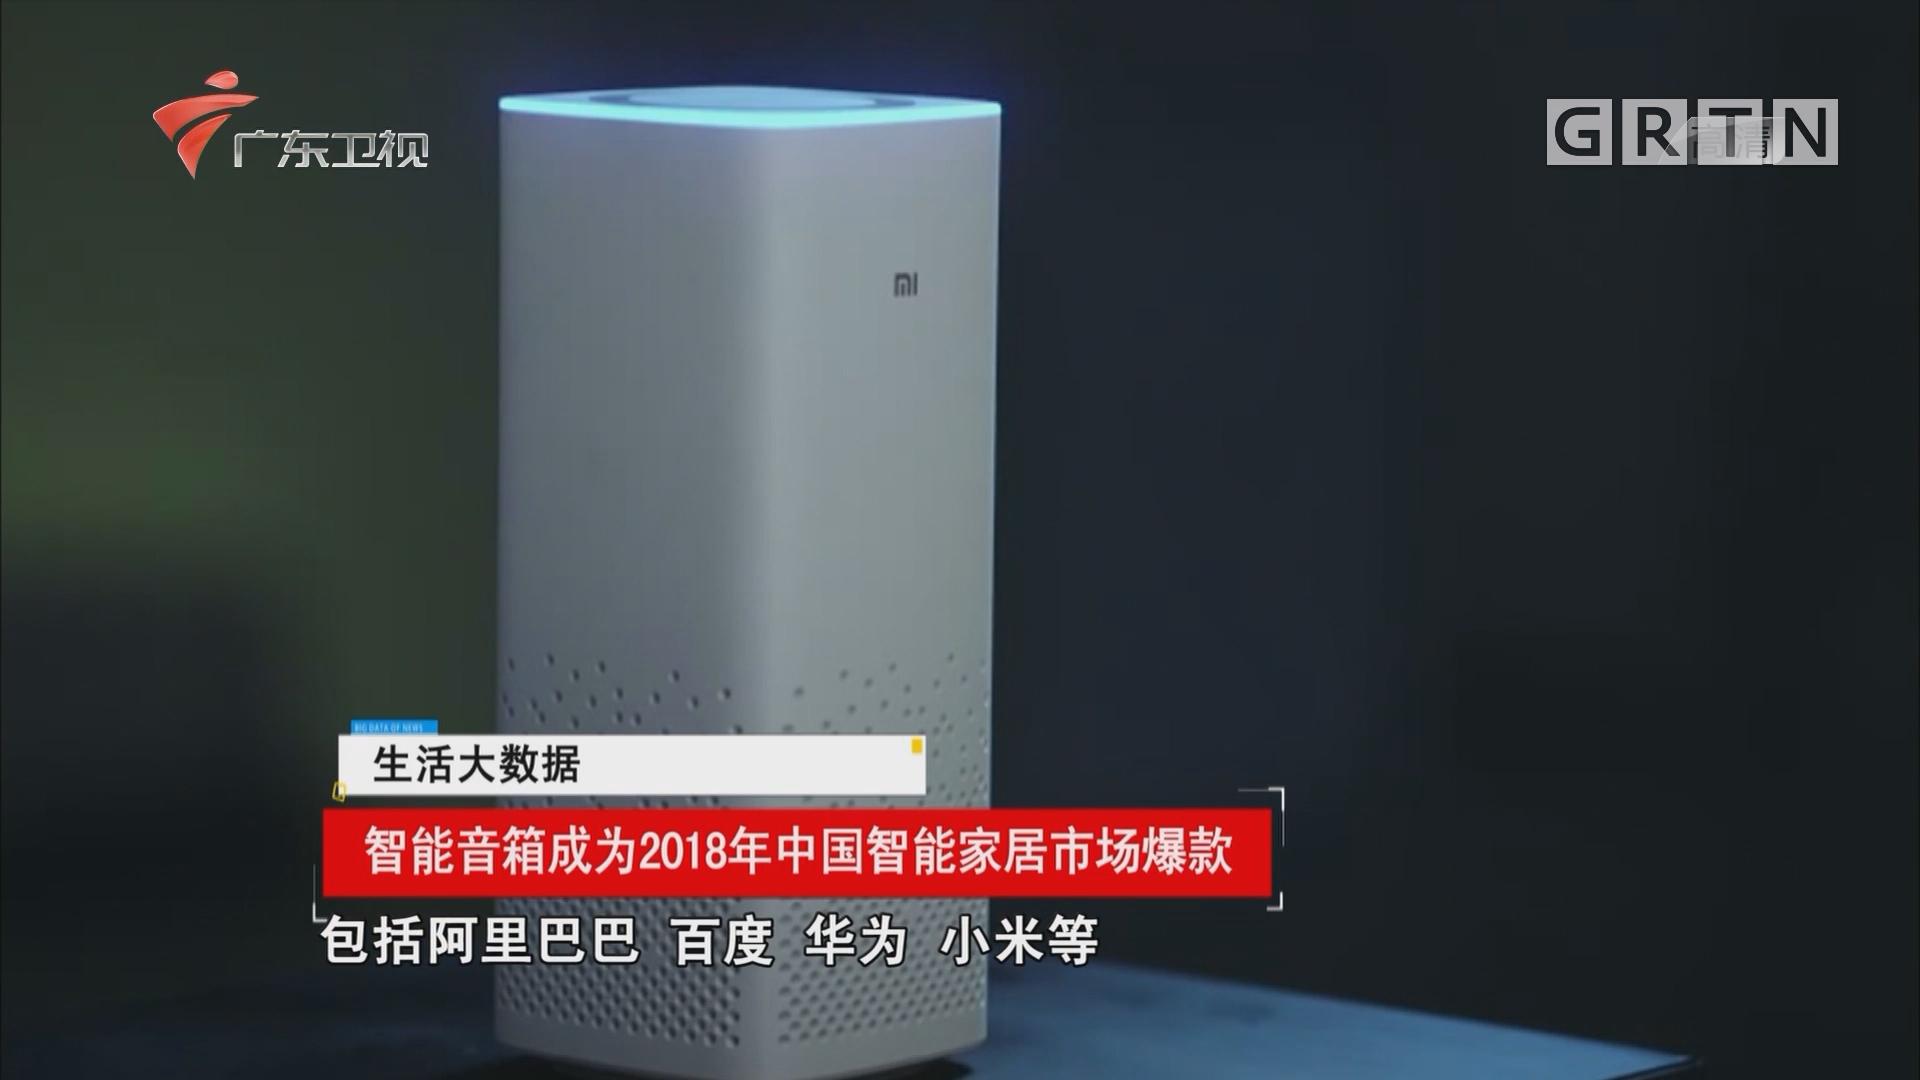 智能音箱成为2018年中国智能家居市场爆款